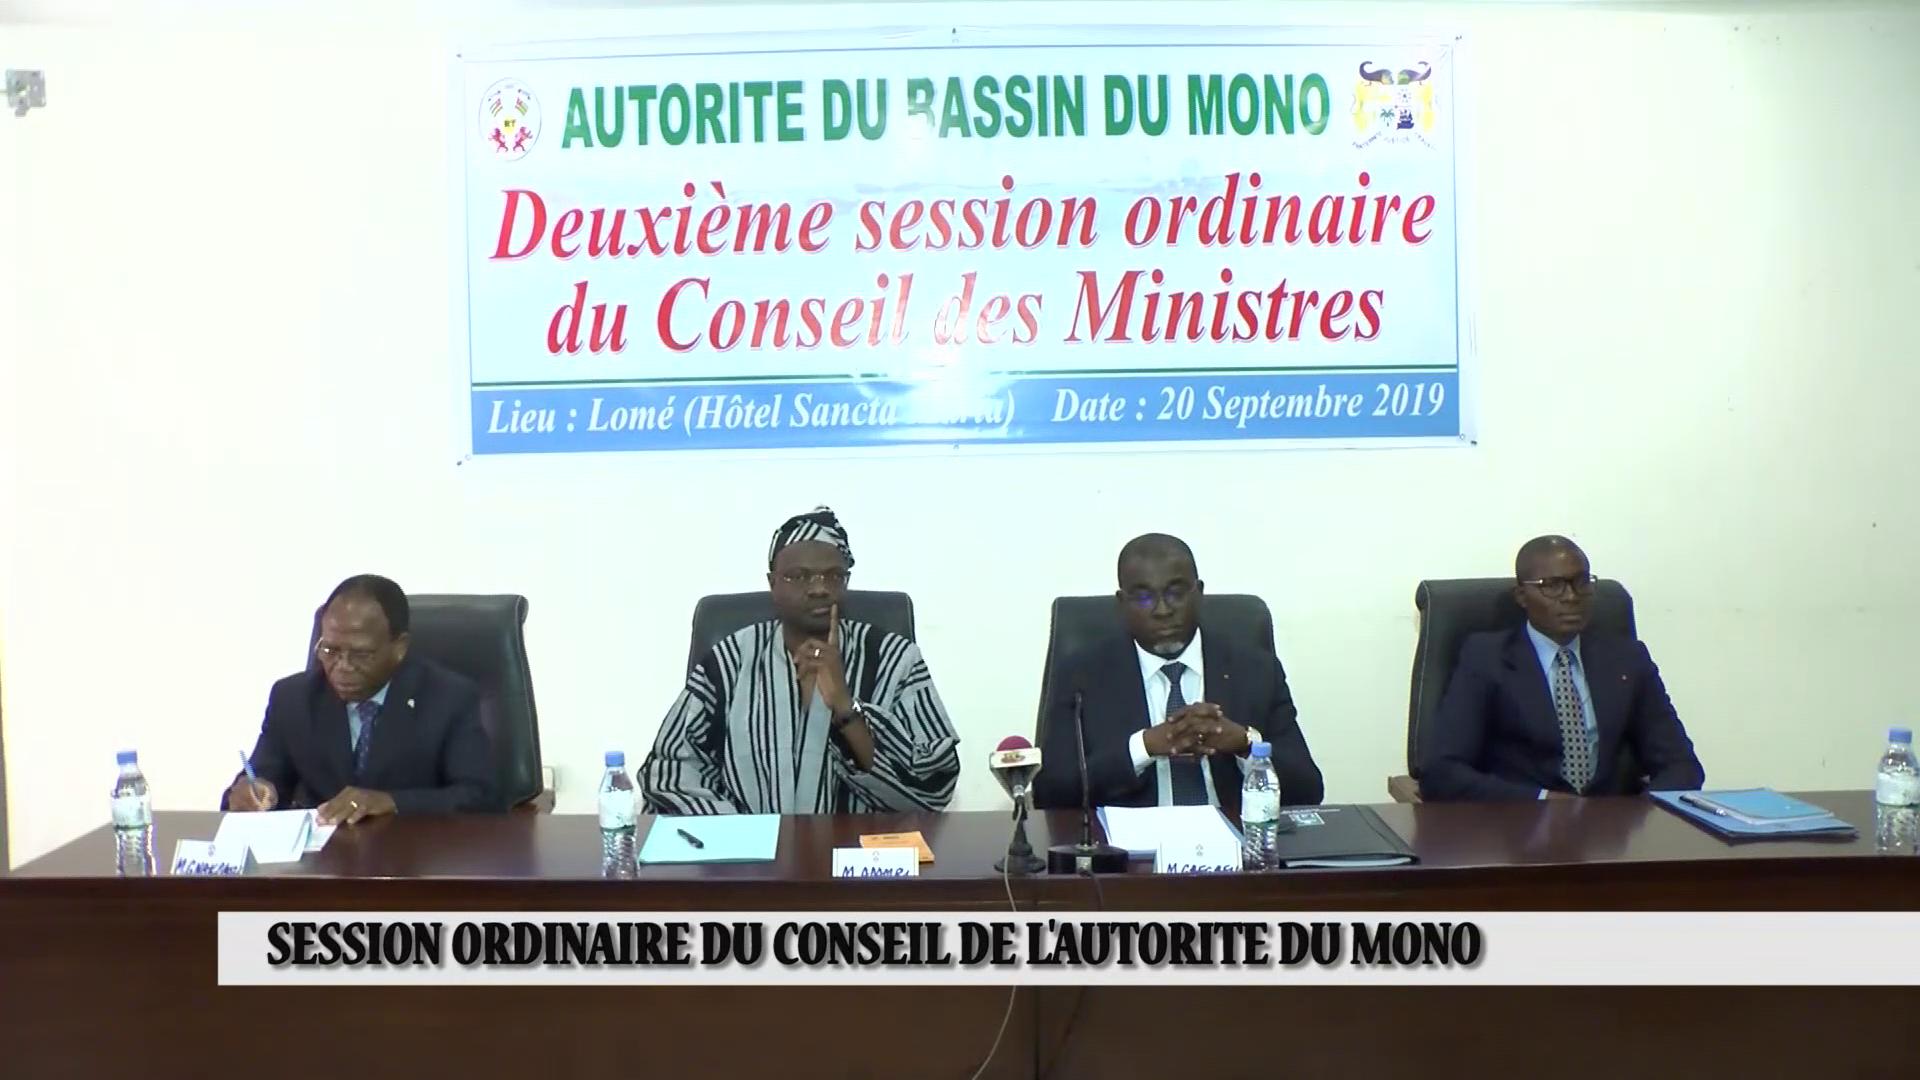 SESSION ORDINAIRE DU CONSEIL DE L'AUTORITE DU BASSIN DU MONO